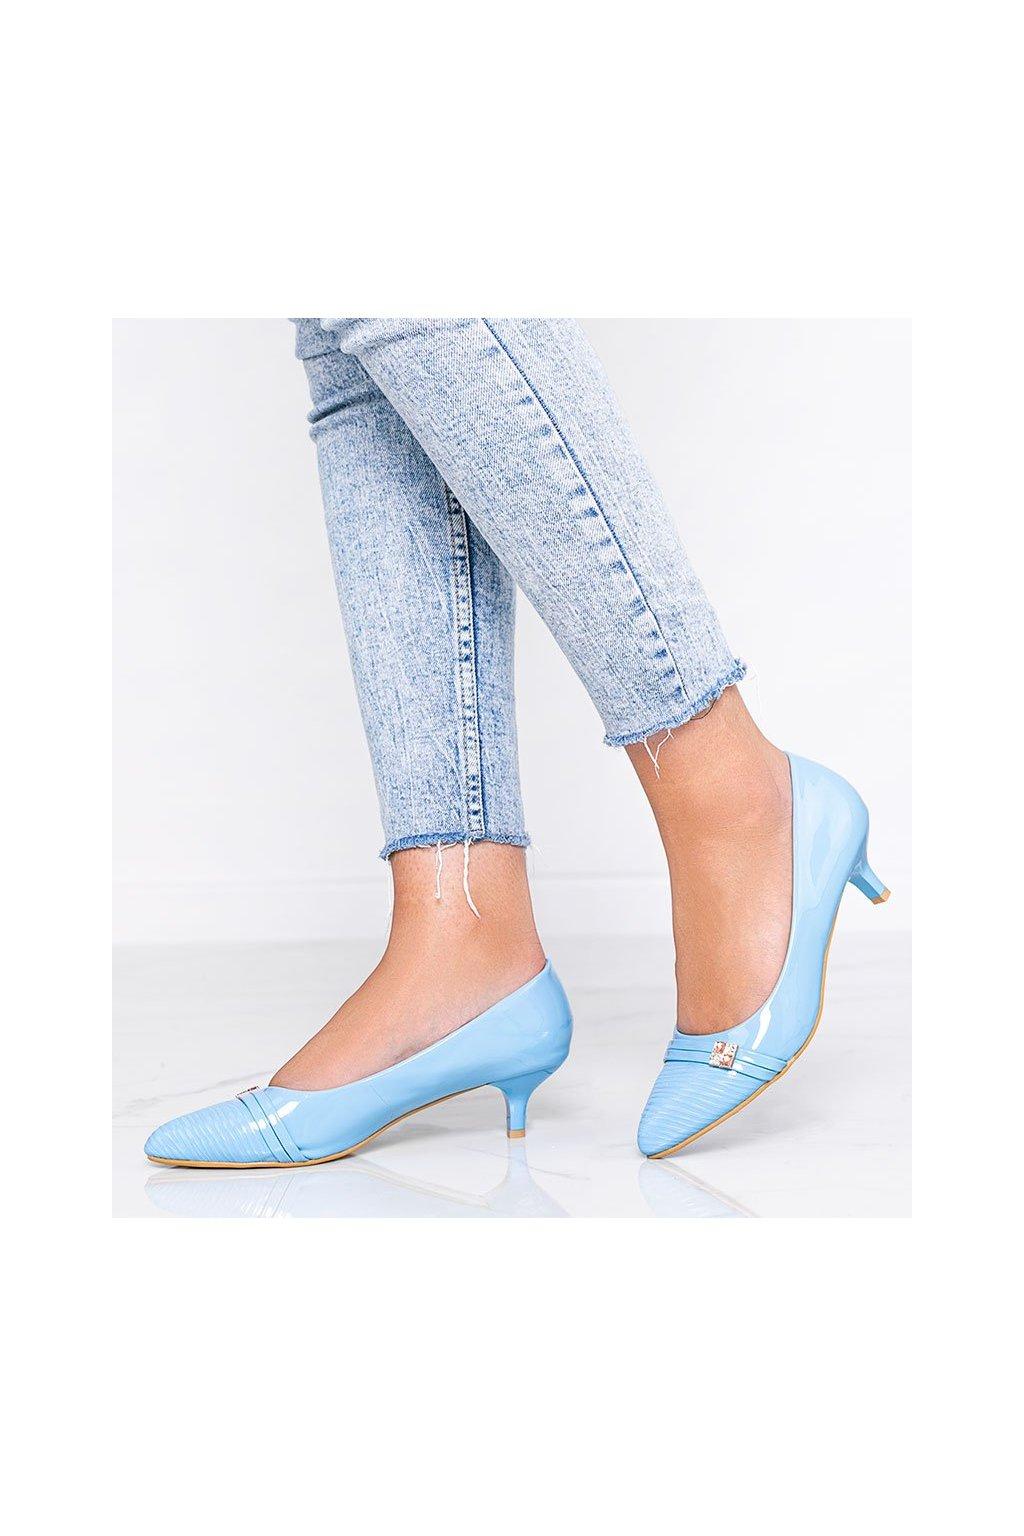 Dámske topánky lodičky modré kód OS-3 - GM